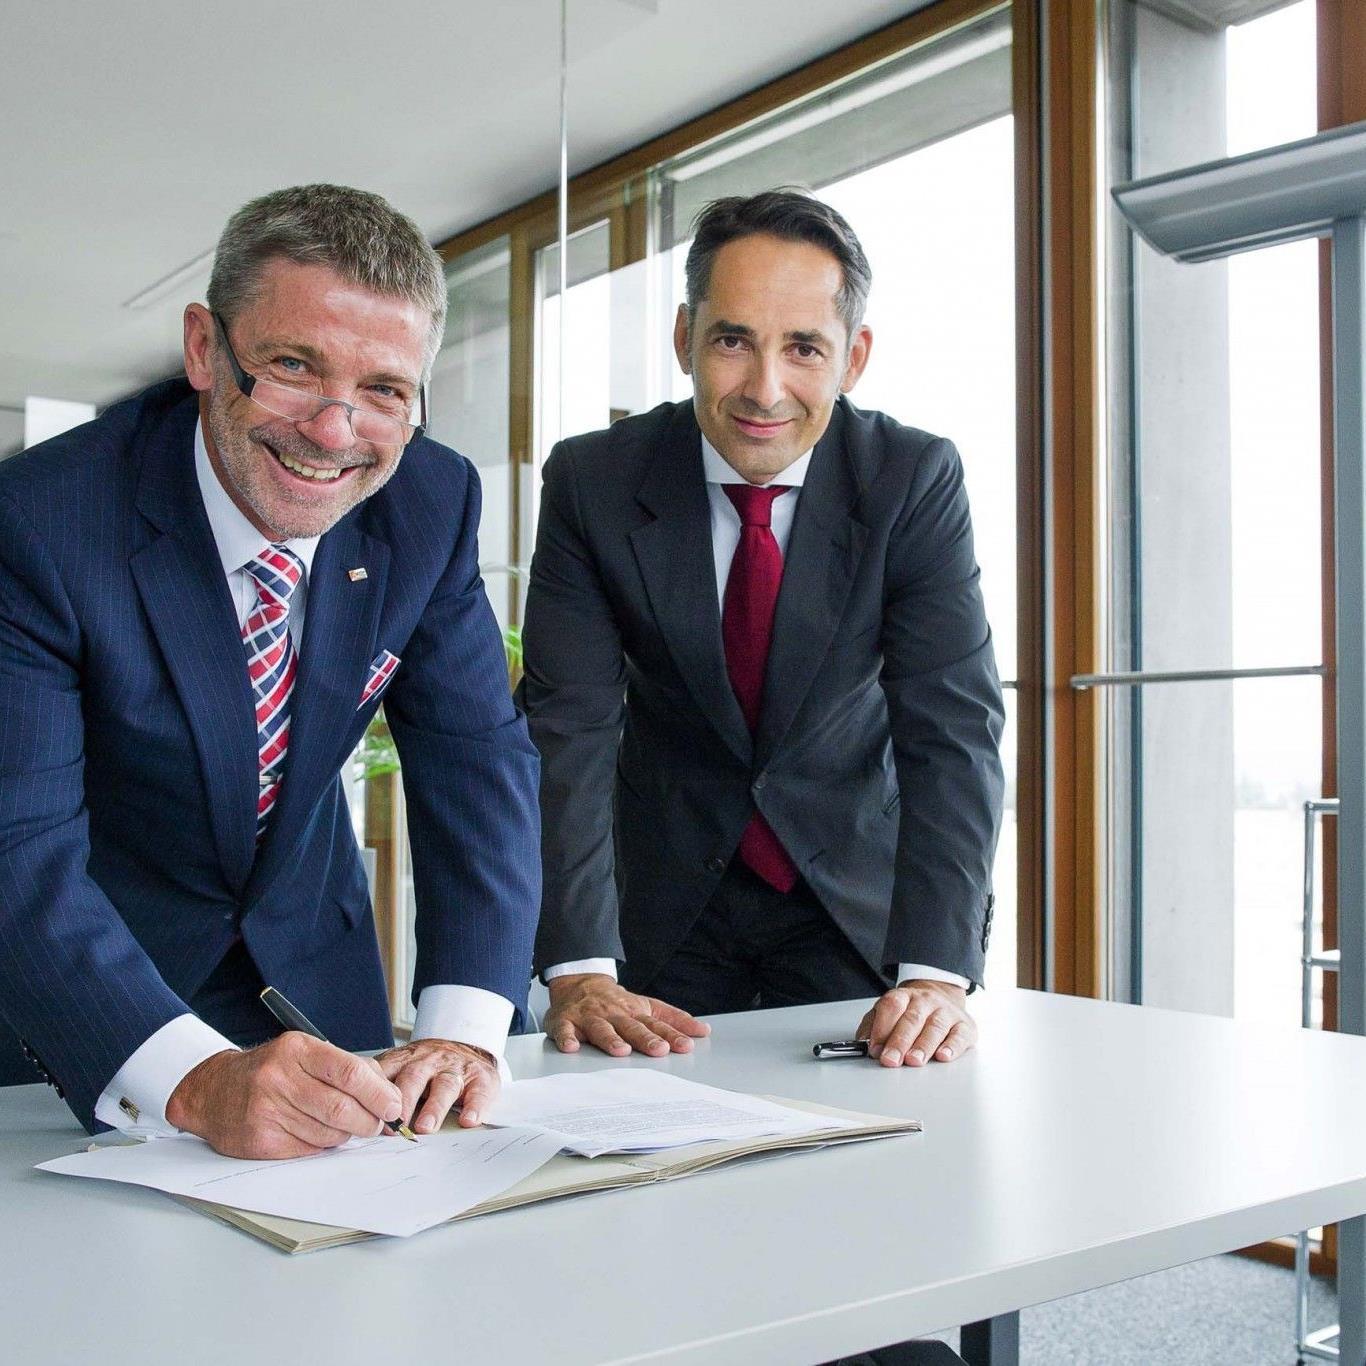 Konrad Schnyder, CEO und Inhaber der Sersa Group und Hubert Rhomberg, CEO der Rhomberg Gruppe.